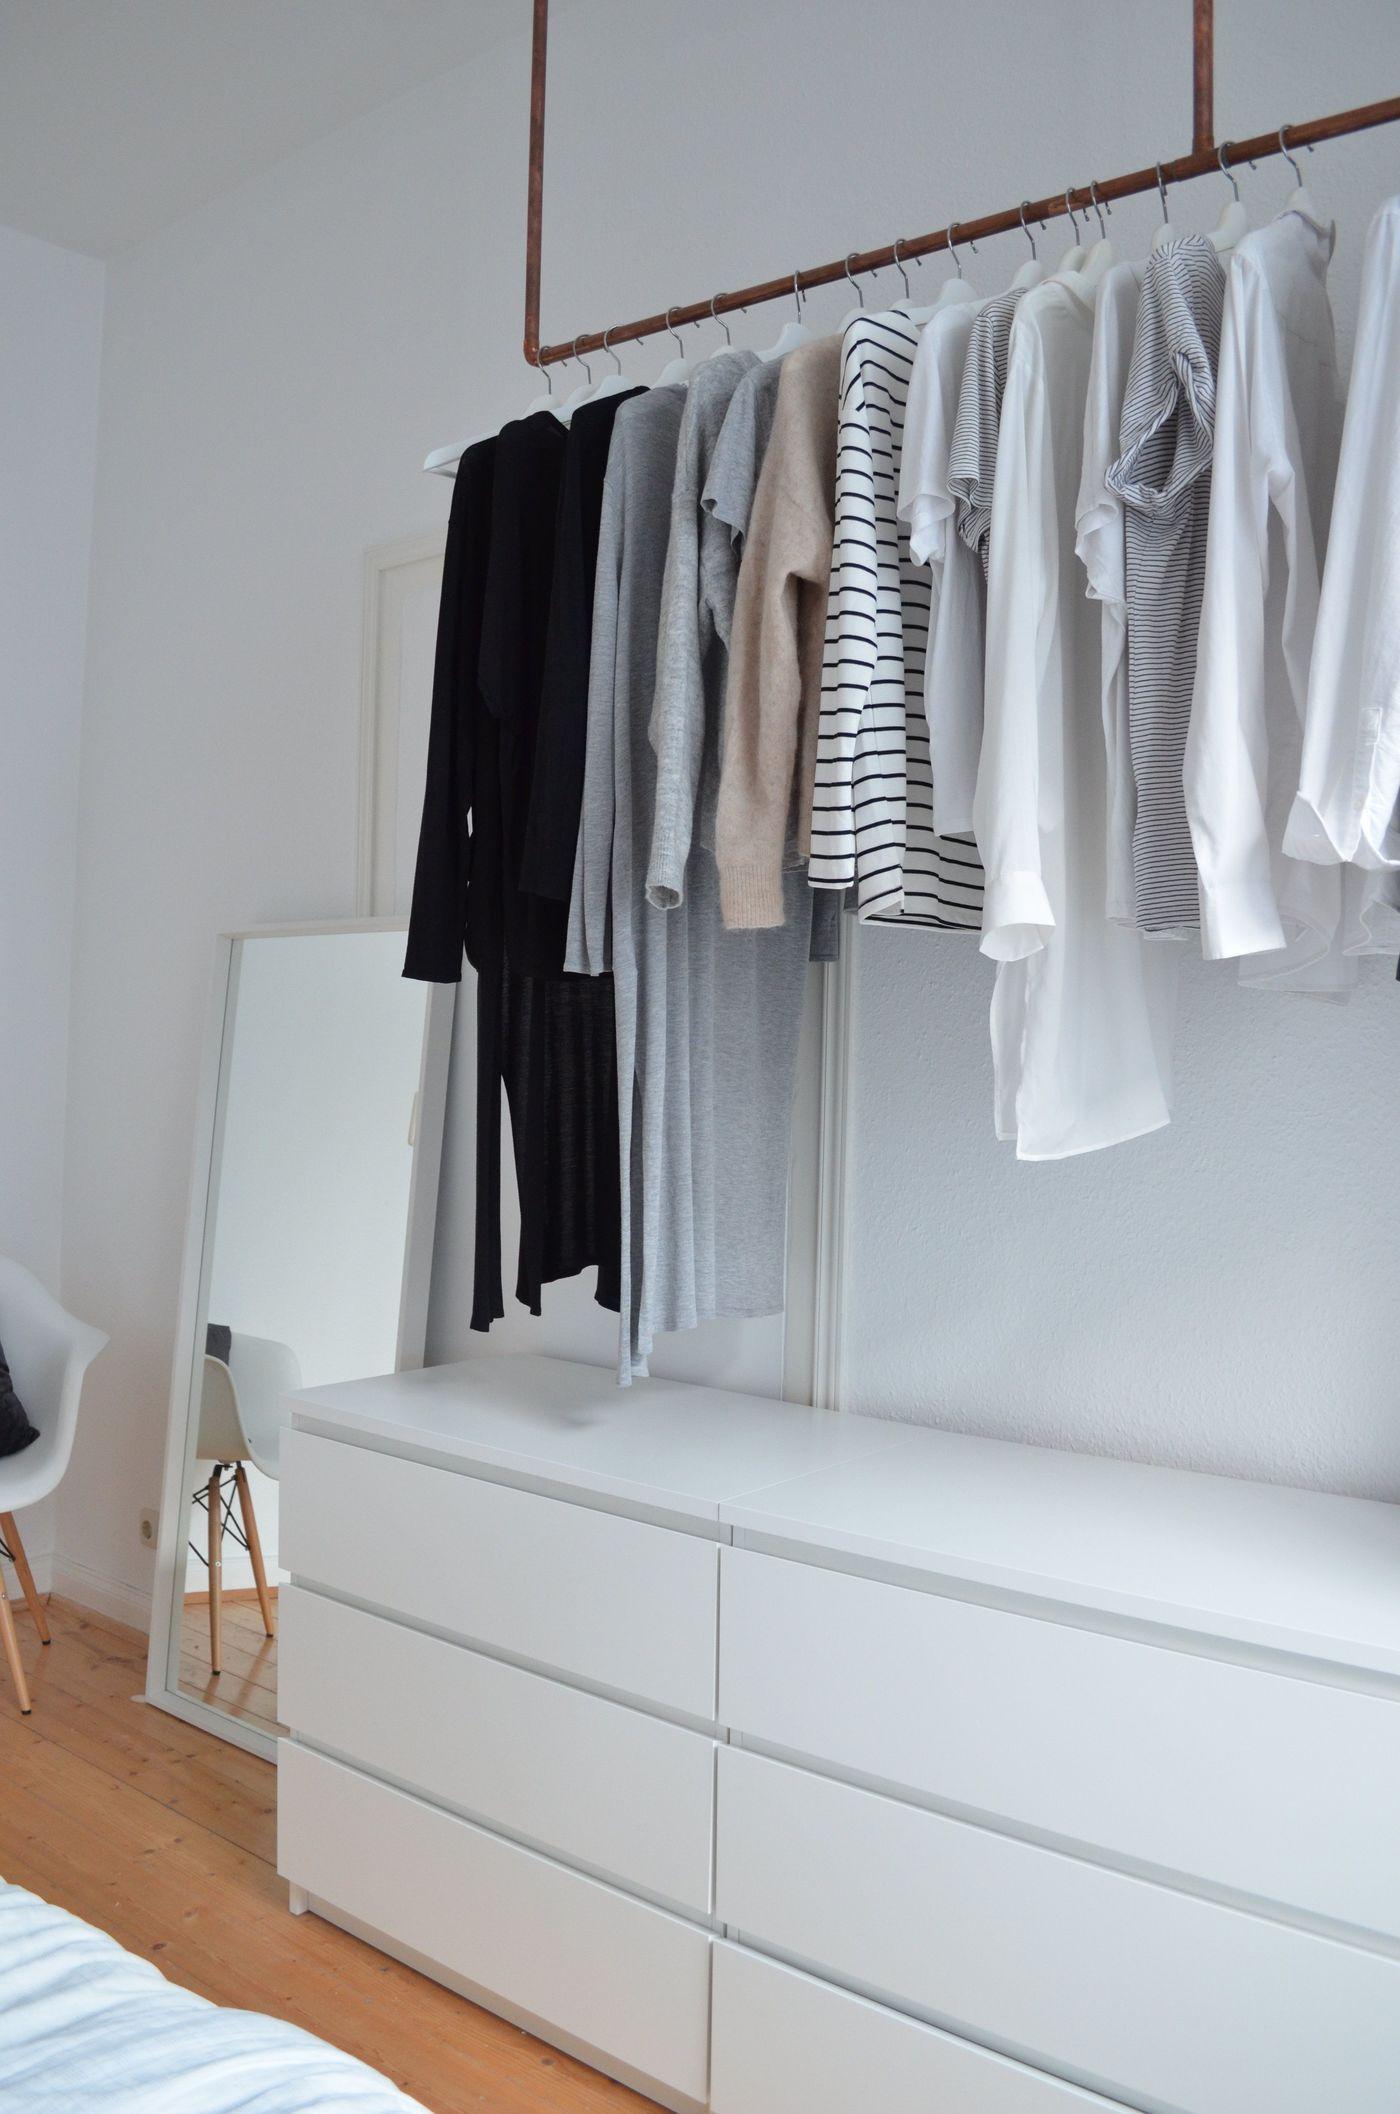 garderobe seil selber machen full size of zimmer renovierung und dekoration garderobe selber. Black Bedroom Furniture Sets. Home Design Ideas